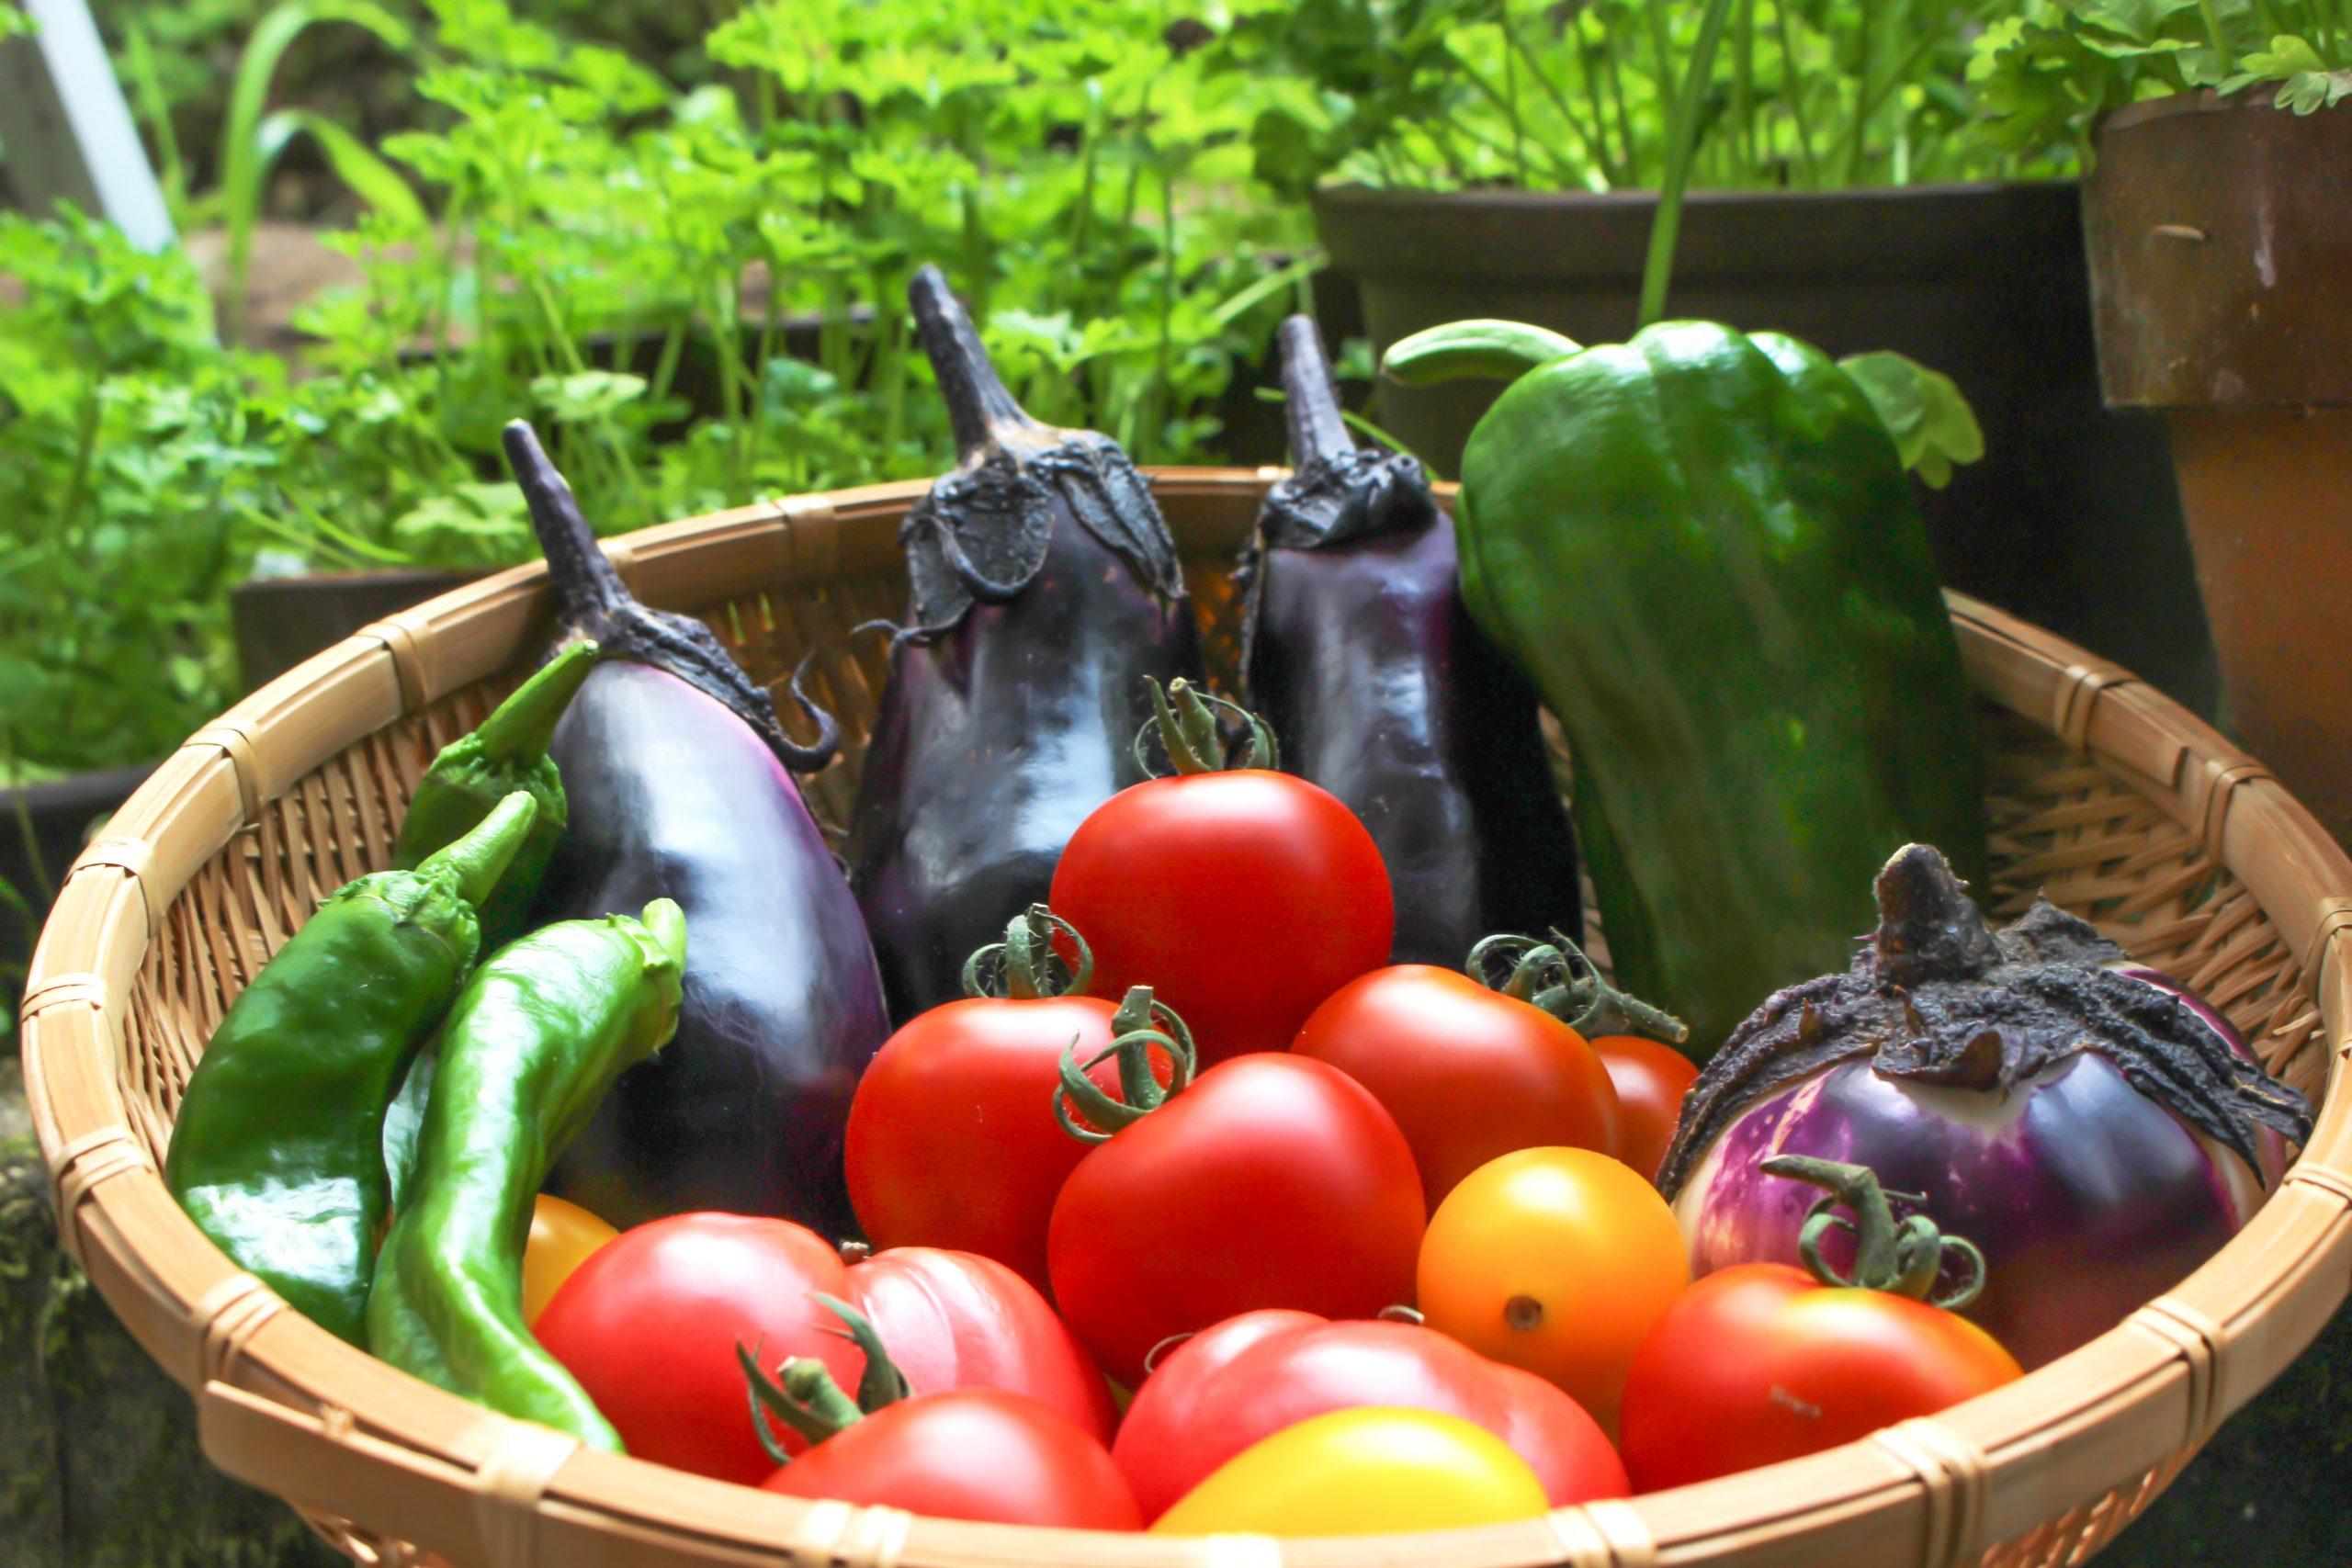 物流:スーパーマーケットの野菜はたくさんの荒波を超えて、皆さまのおなかに入っております。